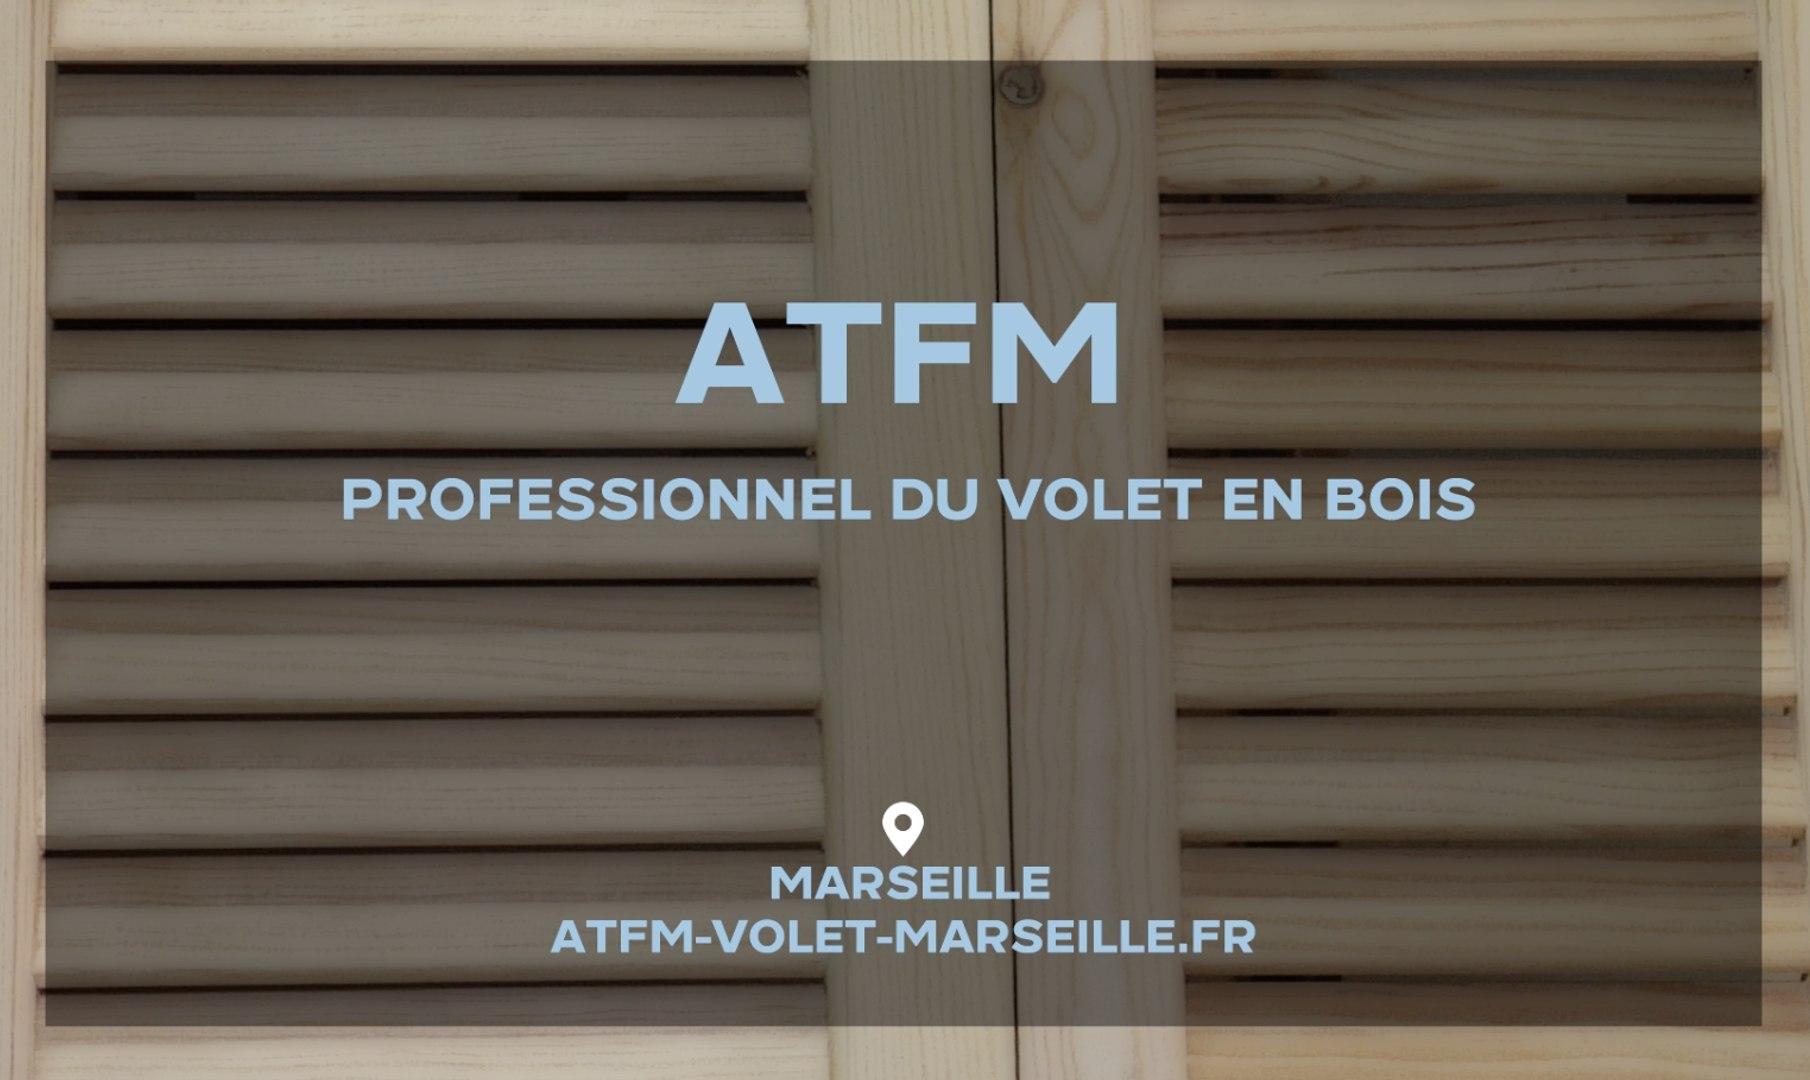 Renovation Volets Bois Paris fabrication, rénovation menuiseries : volets, placards, fenêtres -  marseille 13 - a.t.f.m.